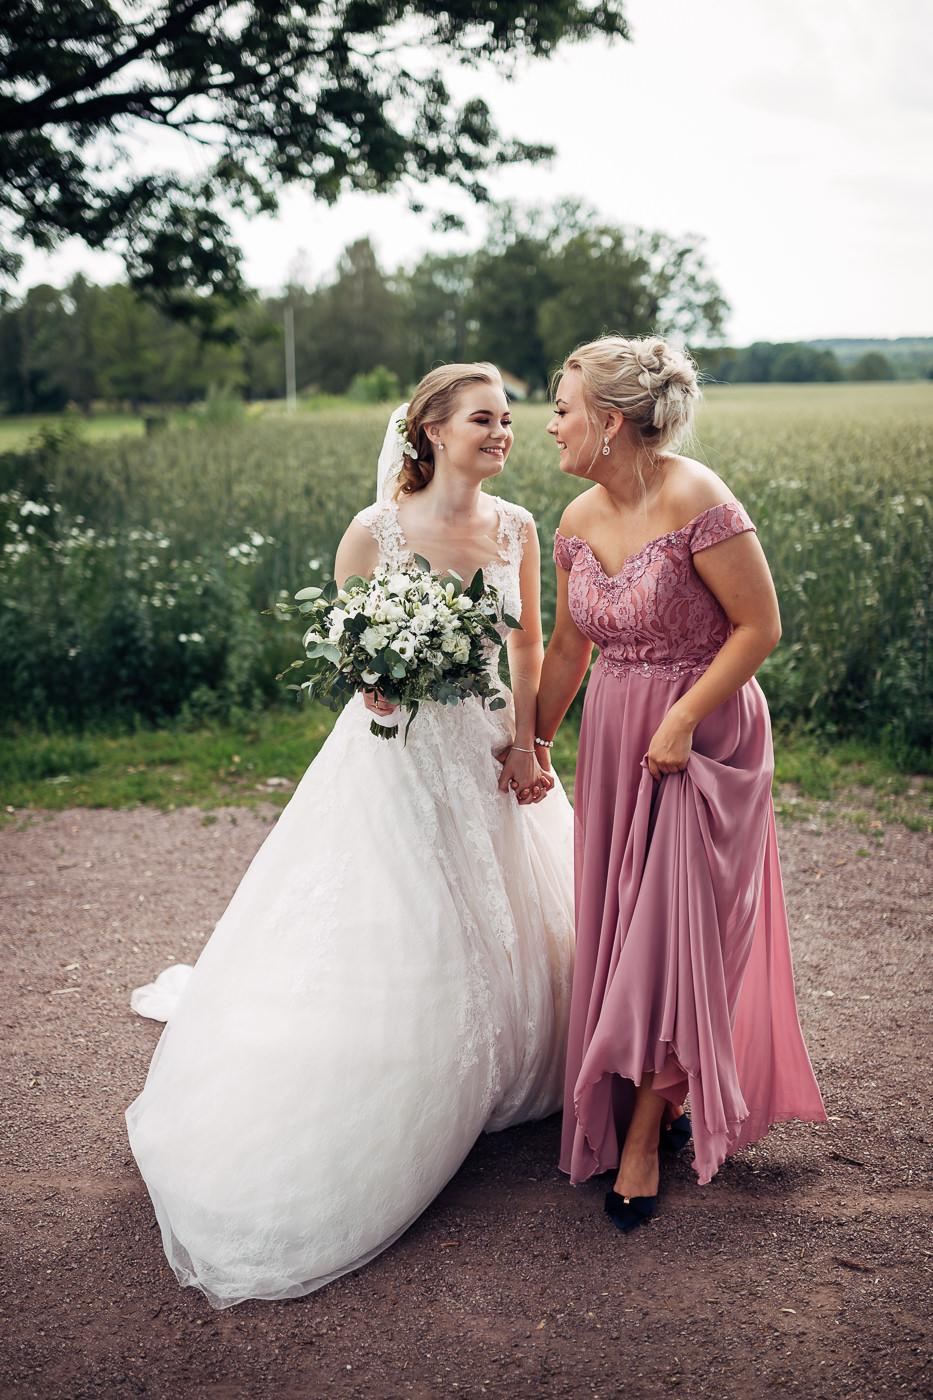 Marte & Mathias - heldagsfotografering i Horten med magisk avslutning Bryllup Dal Gjestegard Horten Vestfold 23